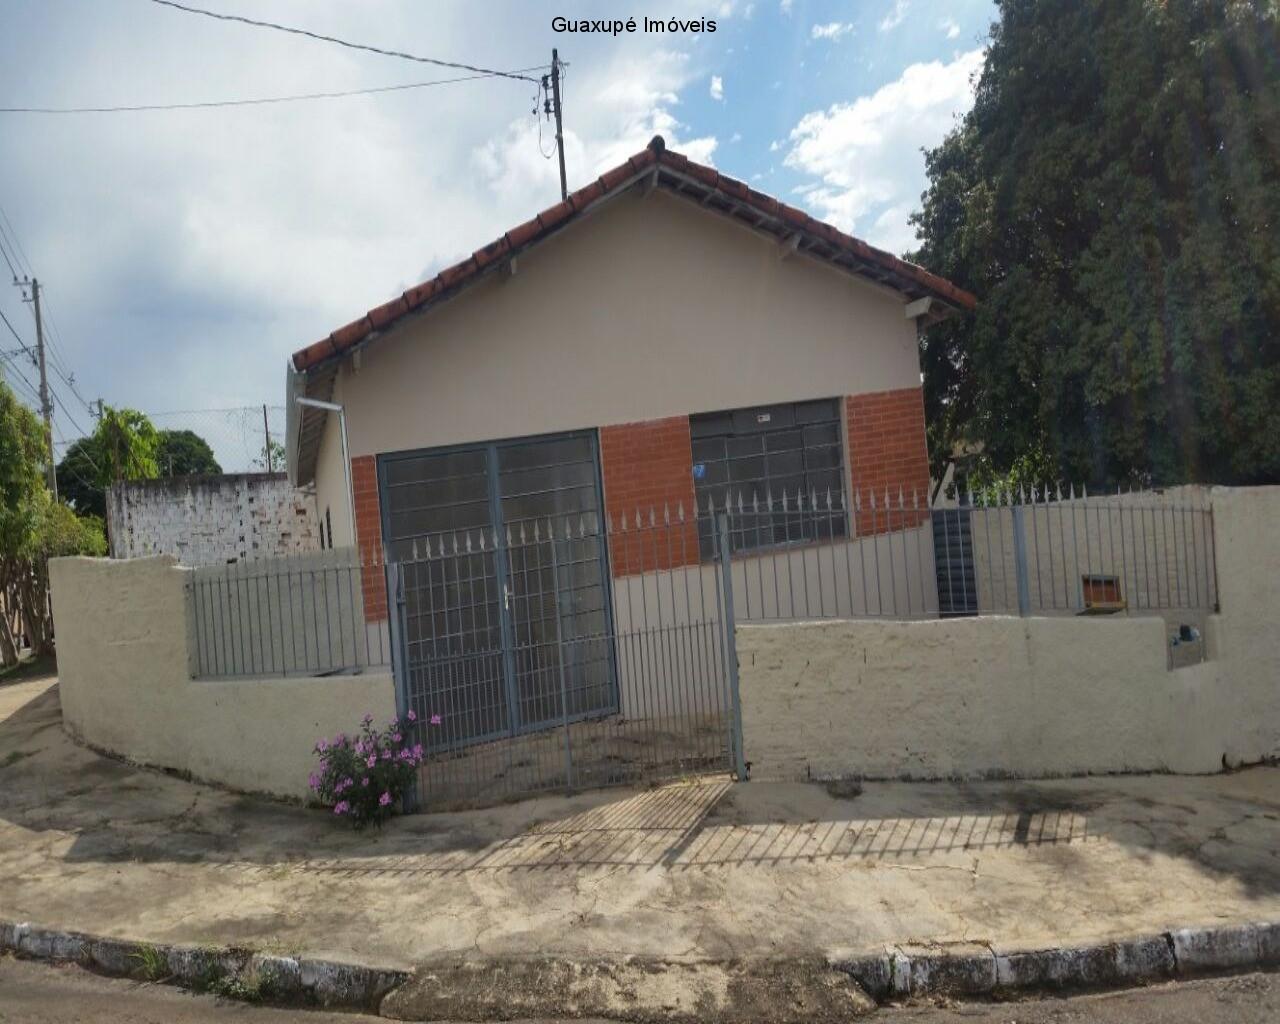 comprar ou alugar casa no bairro nova guaxupé na cidade de guaxupé-mg